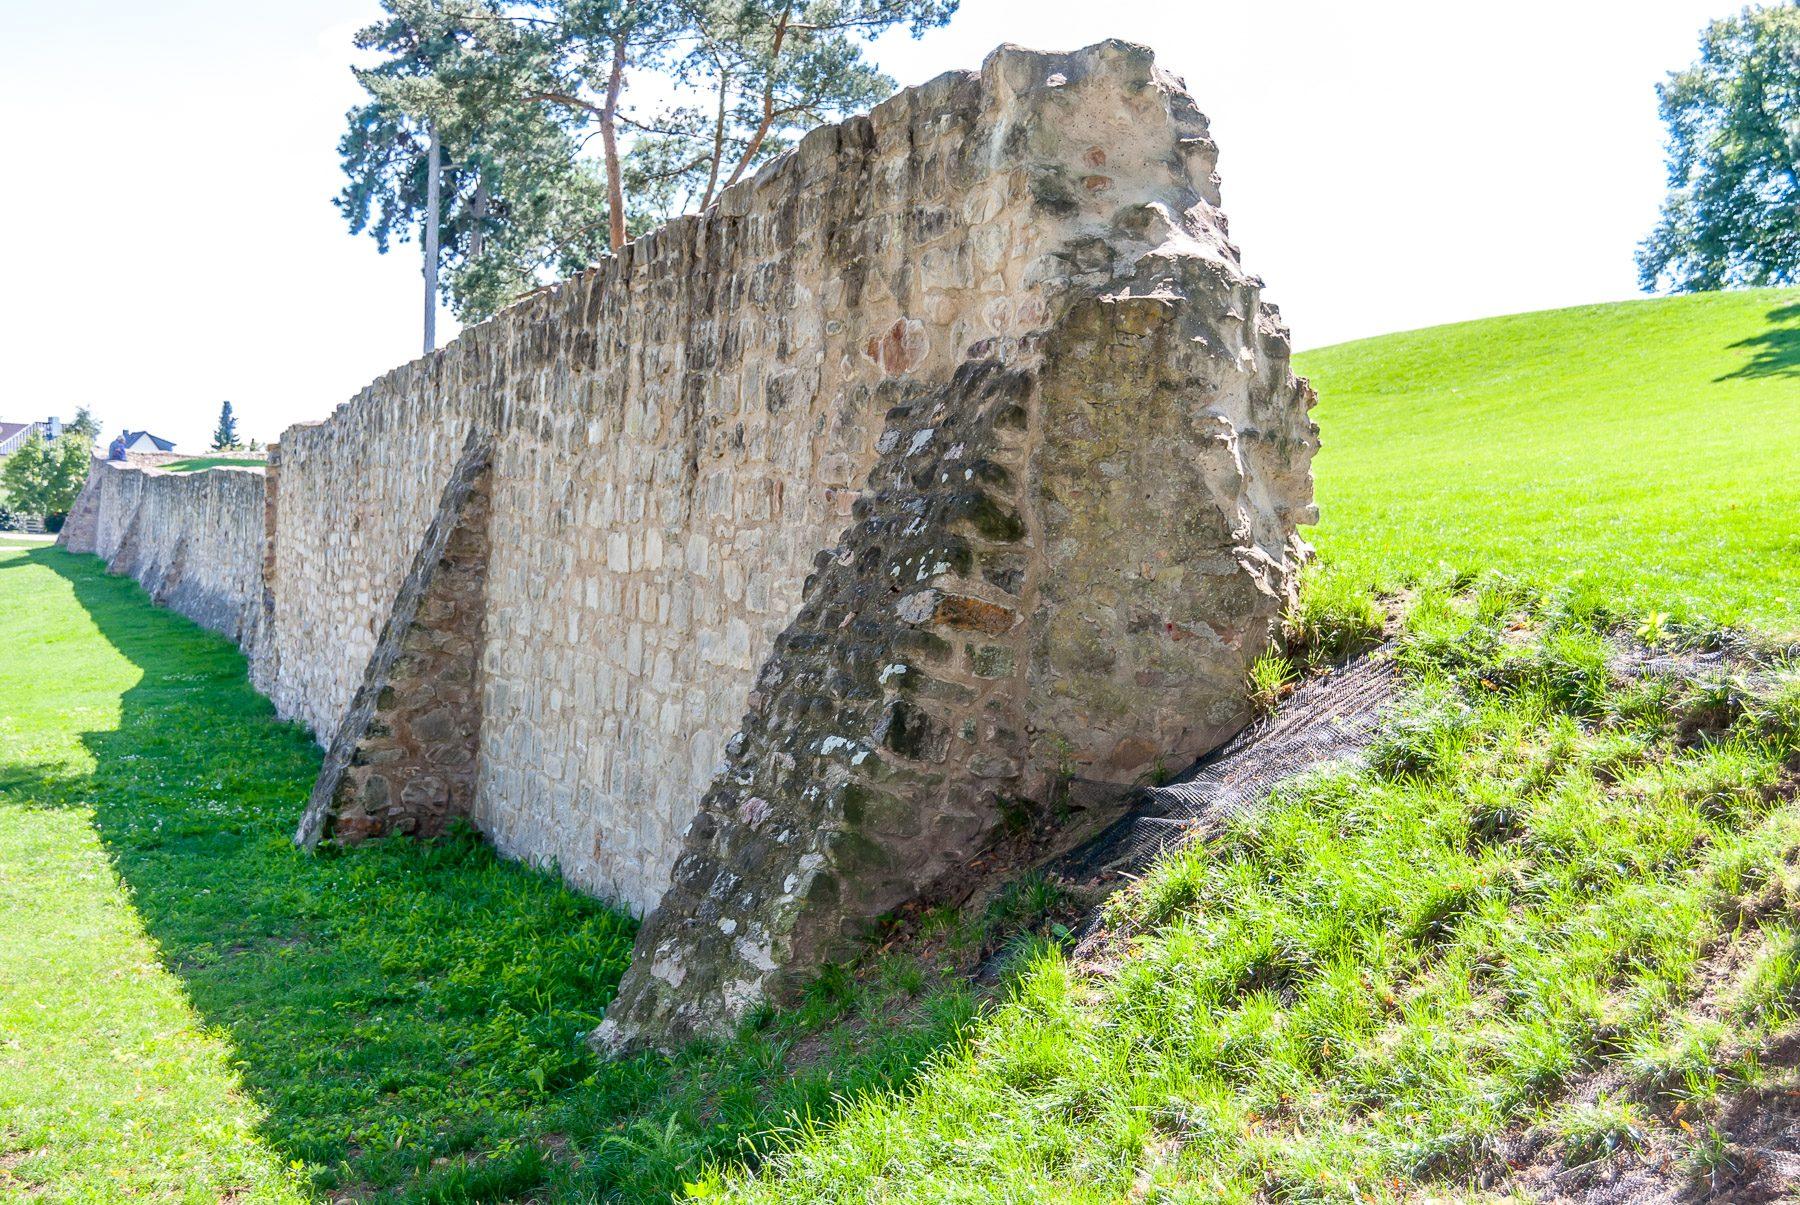 Extrem Denkmalschutz – Walz Natursteine PW58